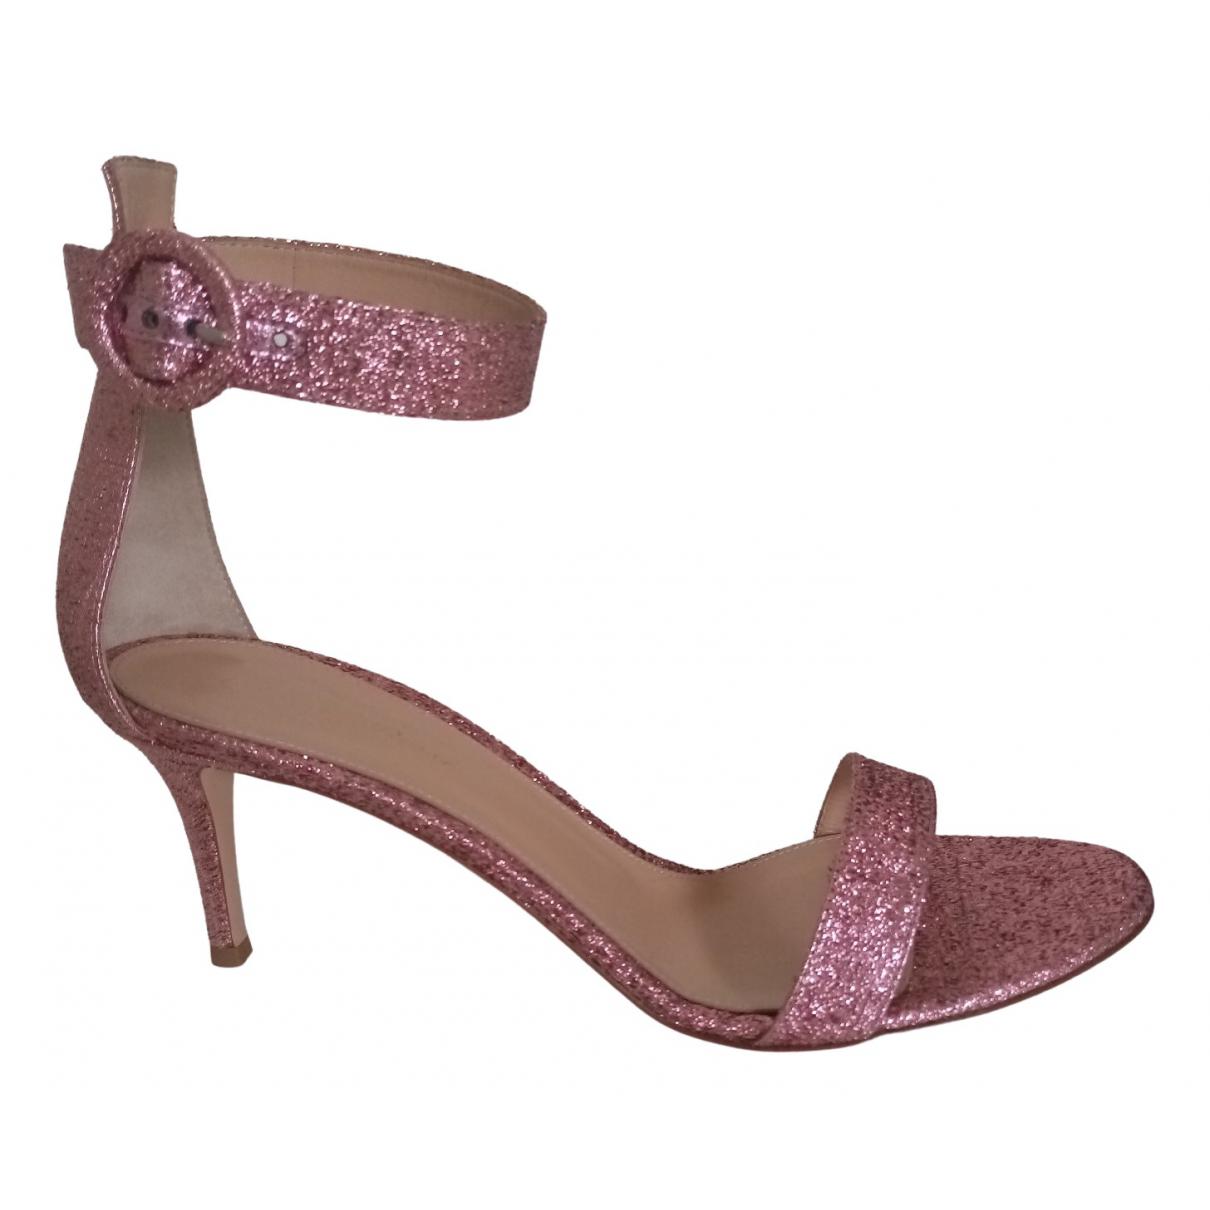 Gianvito Rossi - Sandales Portofino pour femme en a paillettes - rose